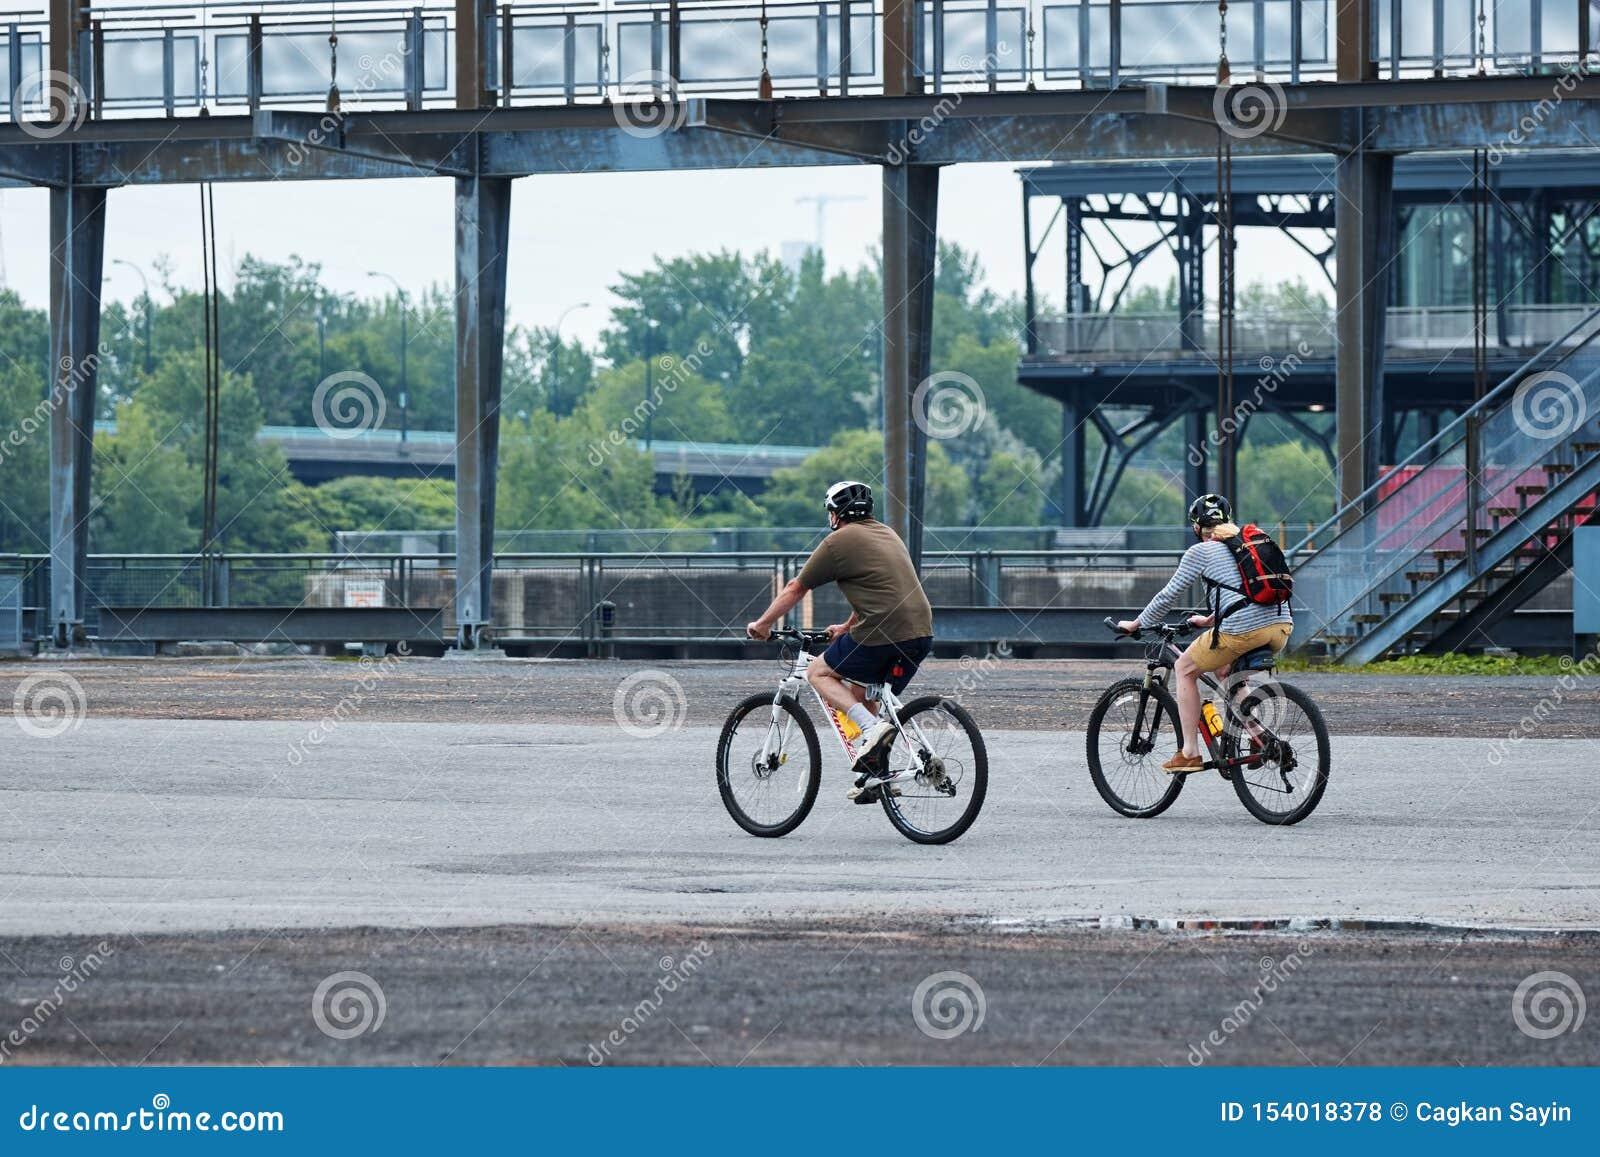 骑他们的在旧港口,蒙特利尔,魁北克,加拿大的加拿大夫妇自行车